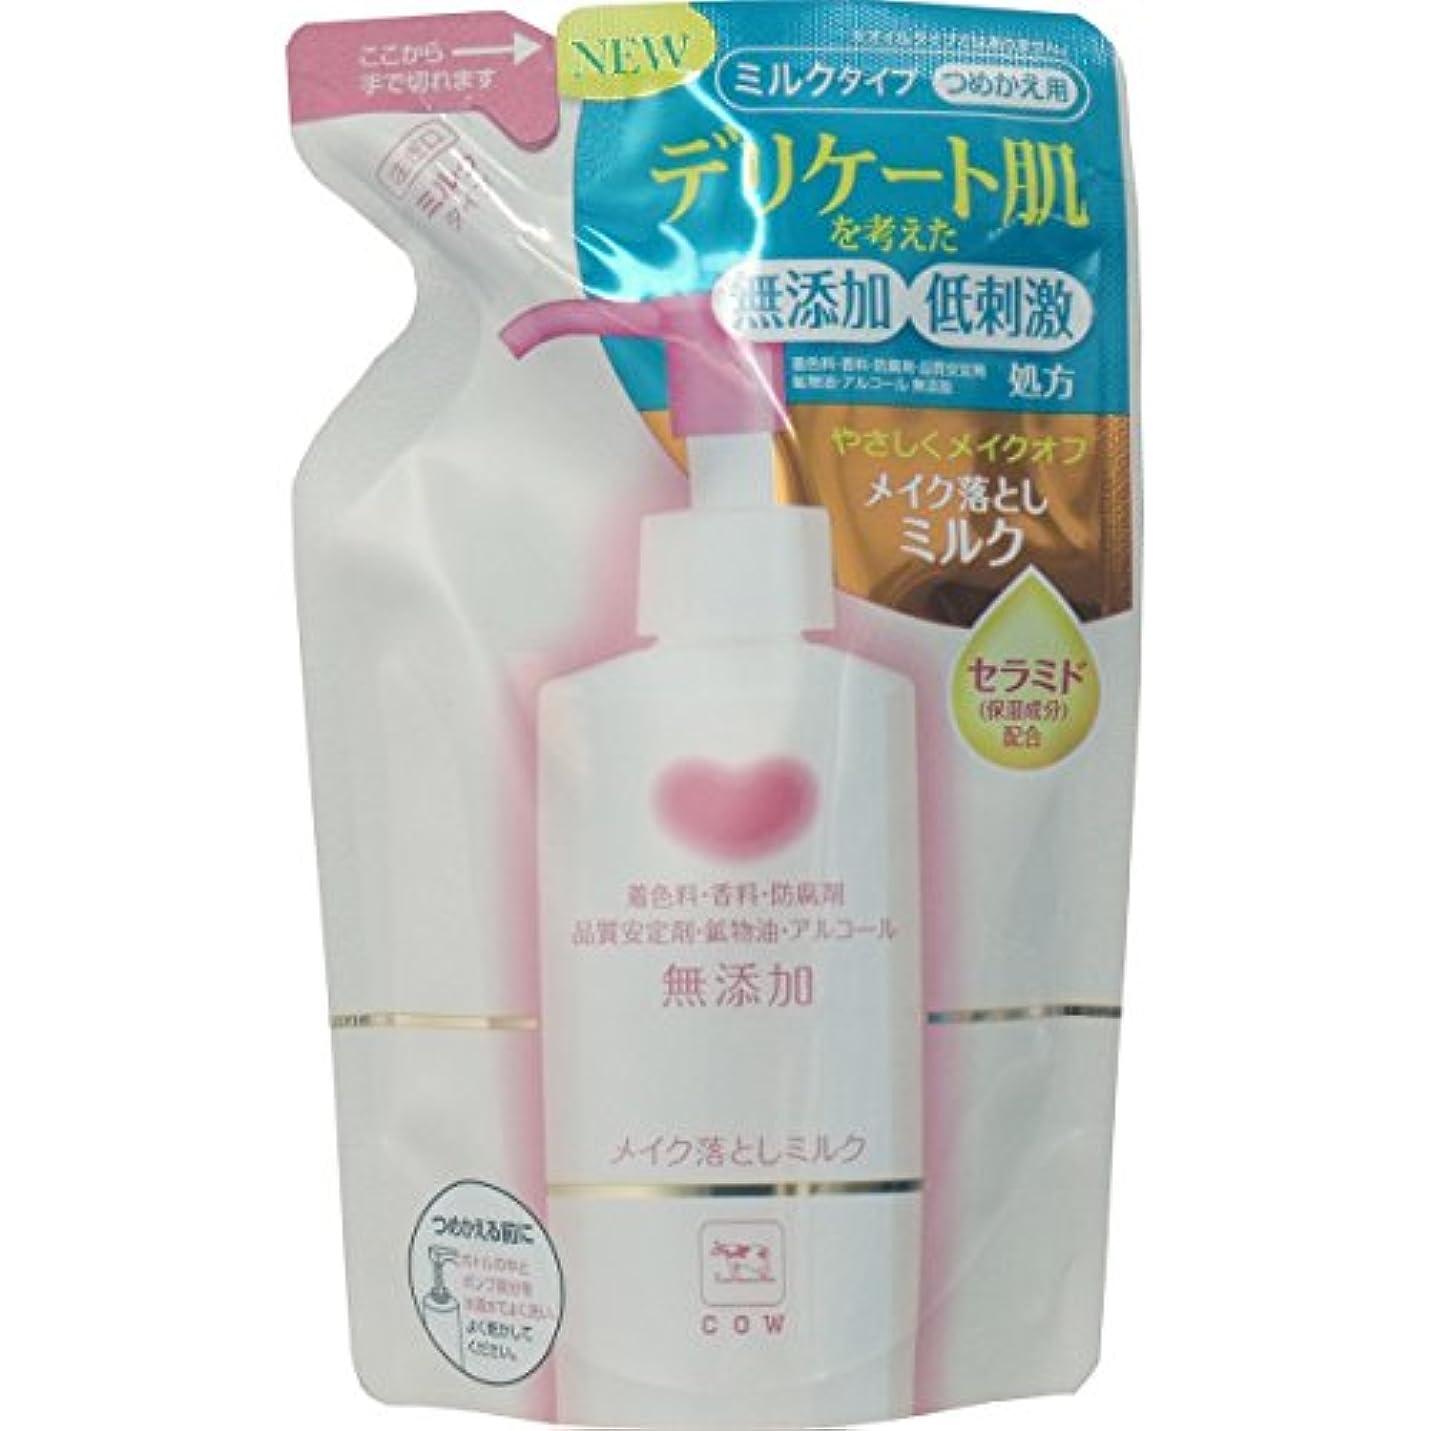 アトム図司法【牛乳石鹸共進社】カウ無添加 メイク落としミルク つめかえ用 130ml ×3個セット